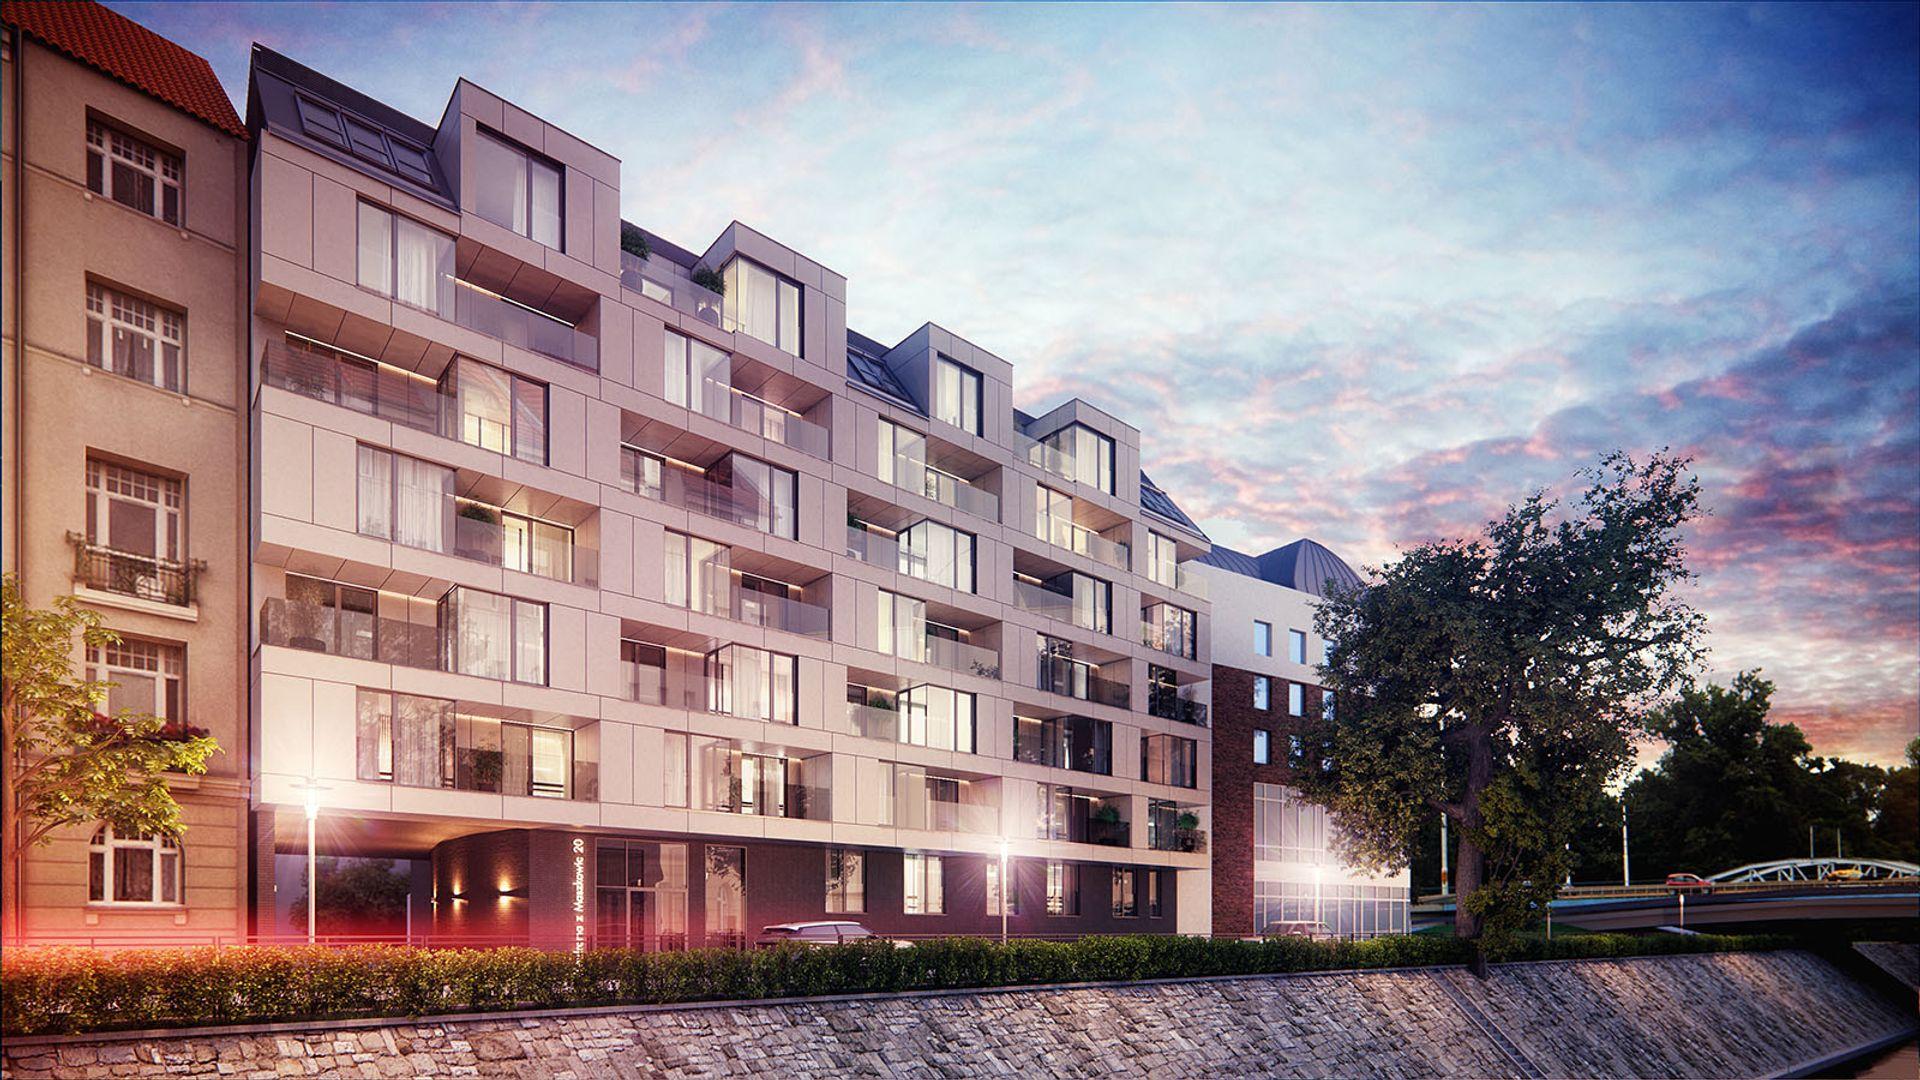 [Wrocław] Kolejna inwestycja na Kępie Mieszczańskiej. Stanie tam apartamentowiec [WIZUALIZACJE]